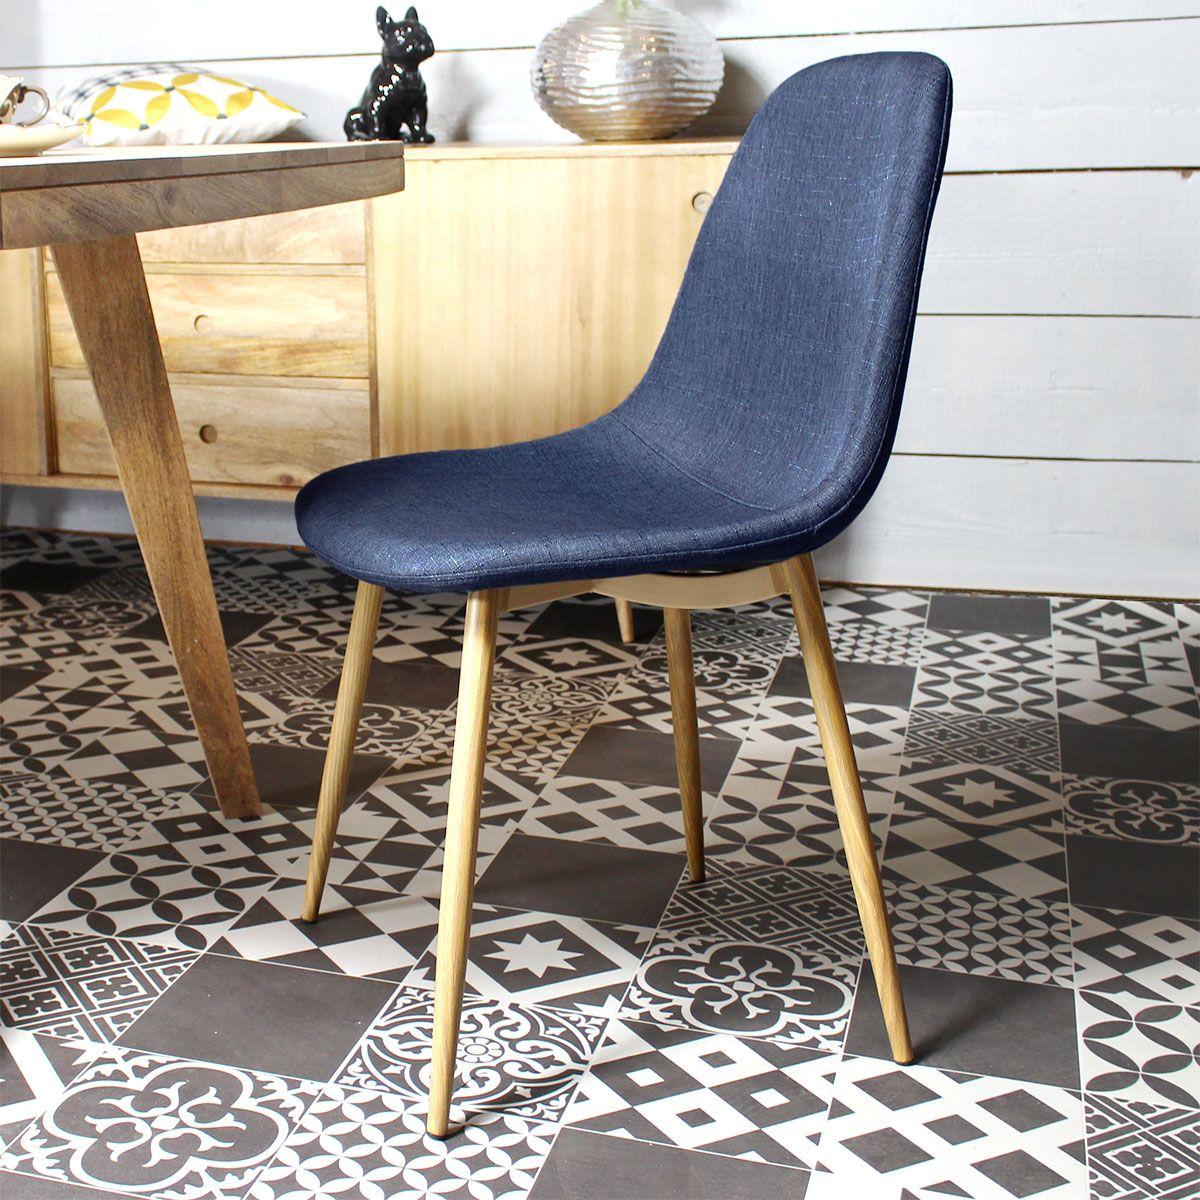 Cette chaise aux allures scandinaves va vous faire craquer son design tout en simplicité